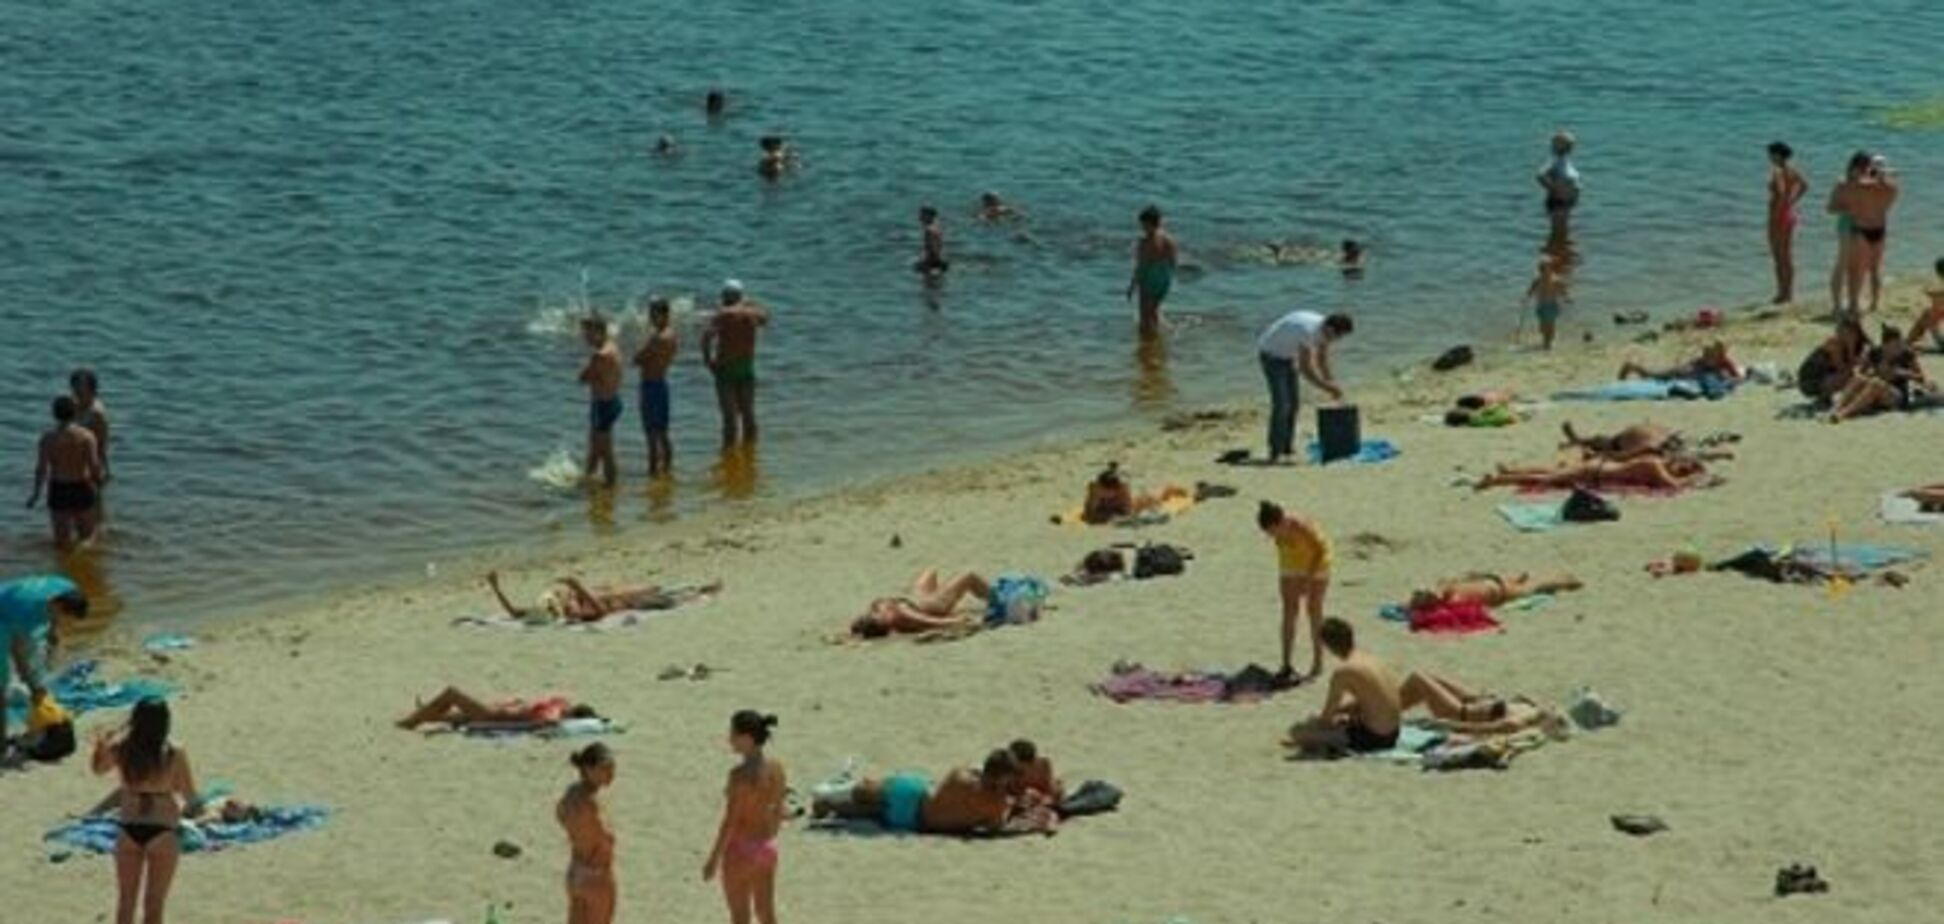 Киевляне открывают купальный сезон: готовы ли пляжи?